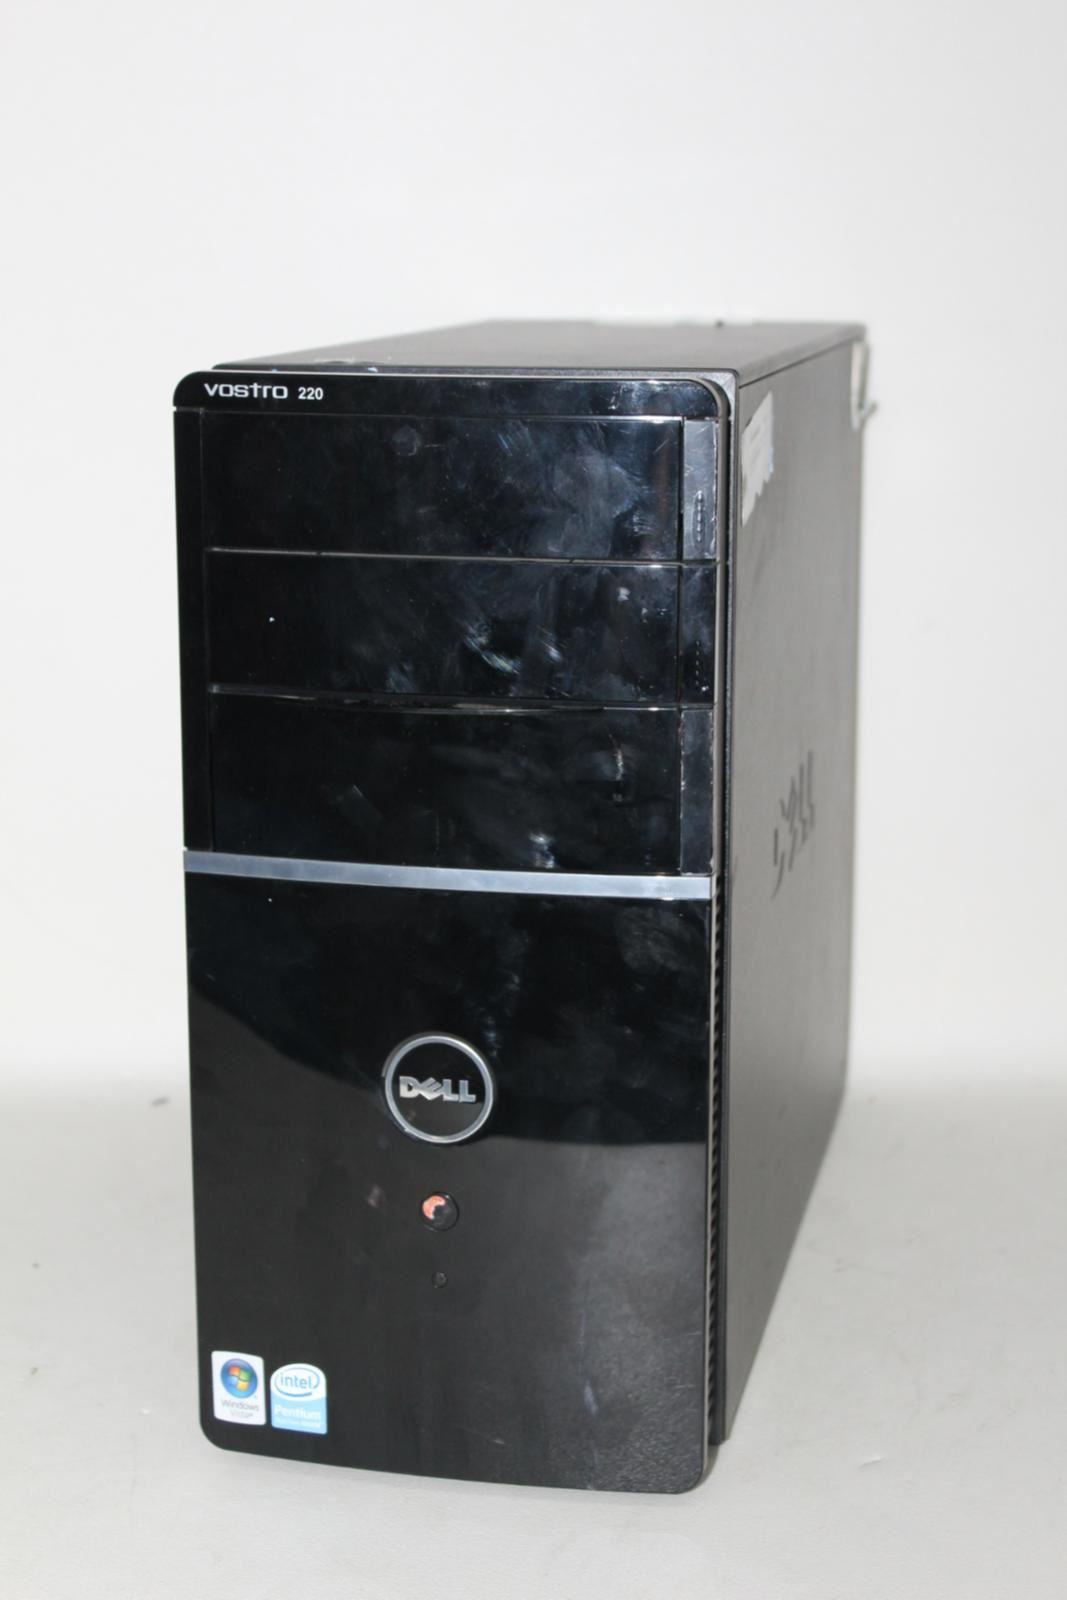 DELL-Vostro-220-Black-Intel-Pentium-Dual-Core-2GB-RAM-No-HDD-Desktop-Computer